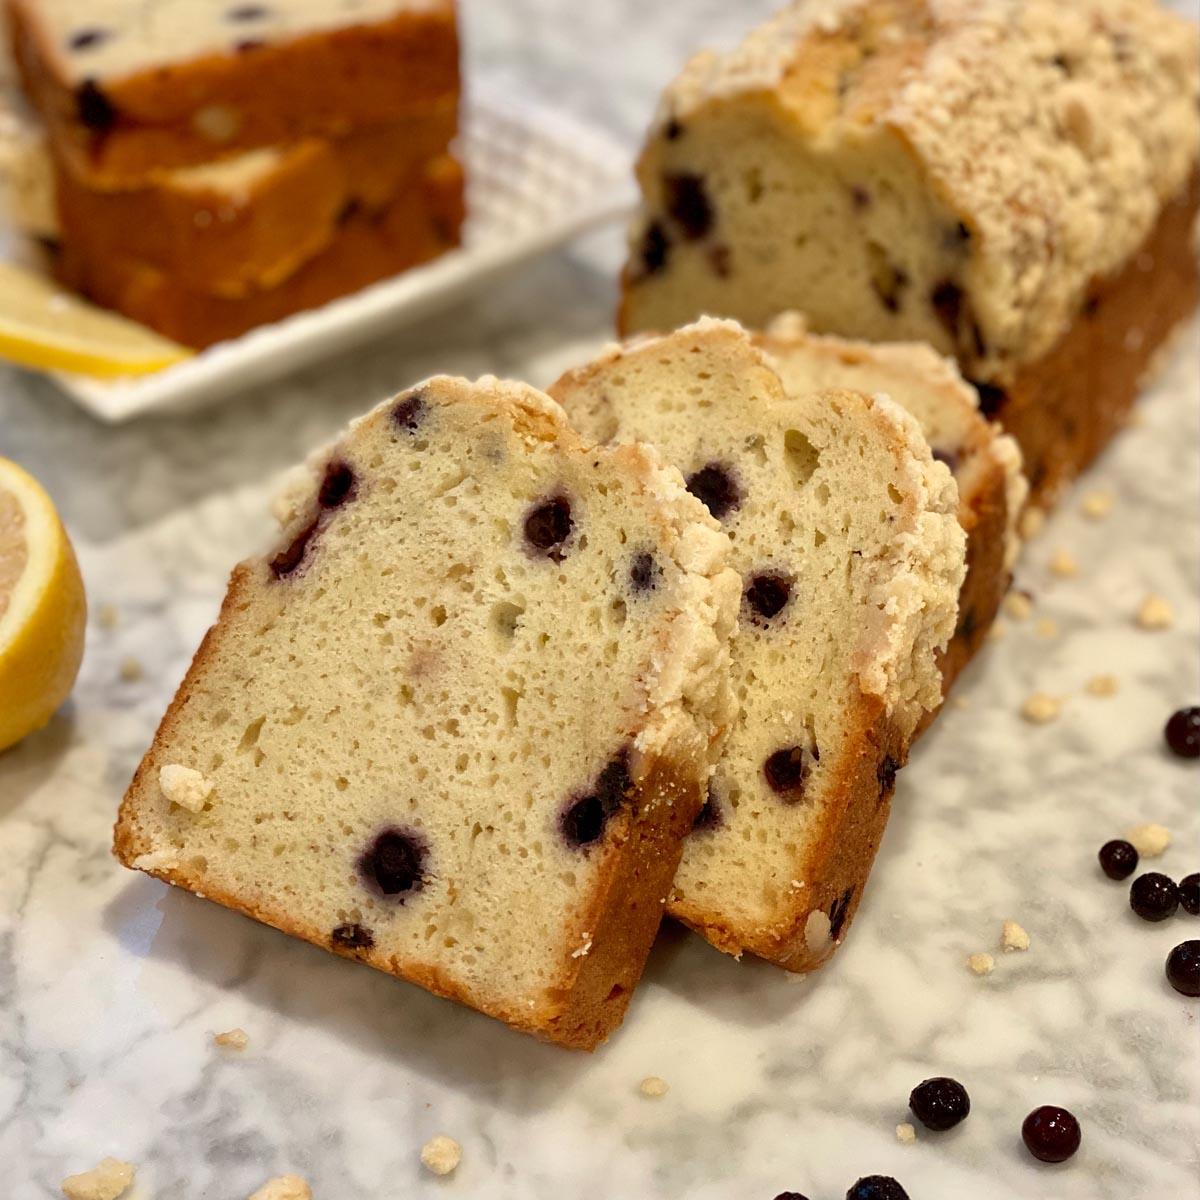 Blueberry Lemon Loaf 2